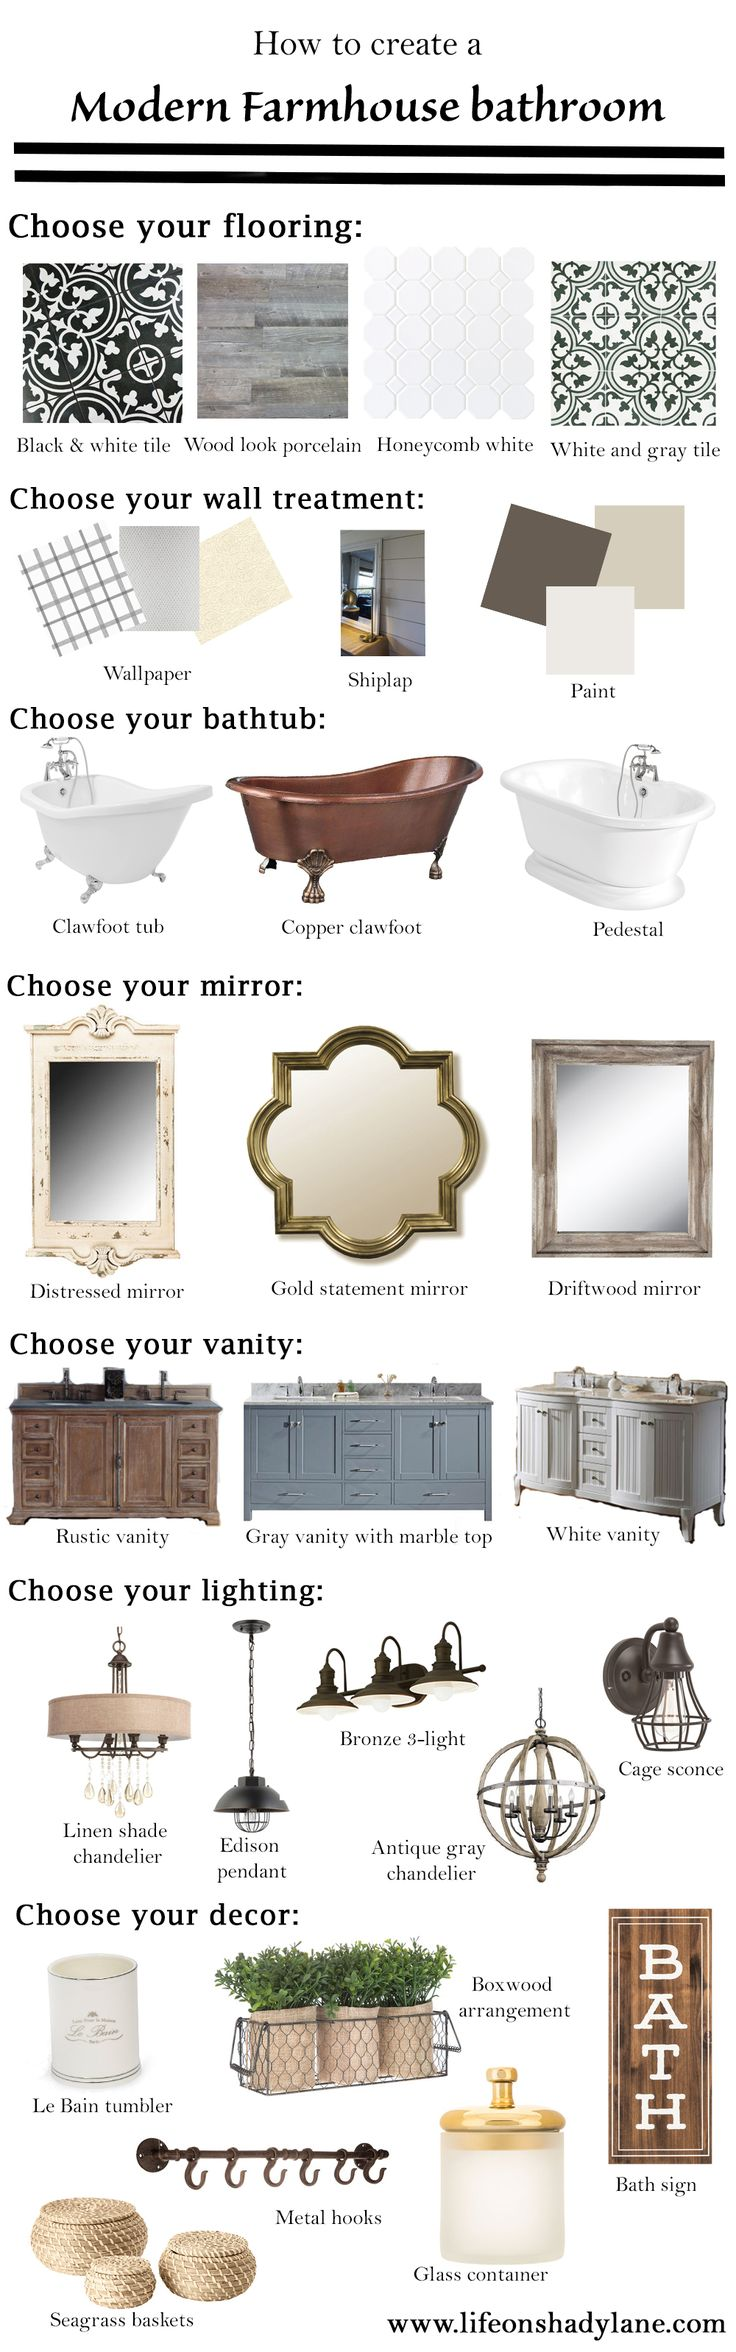 How to create a Modern Farmhouse Bathroom via Life on Shady Lane blog